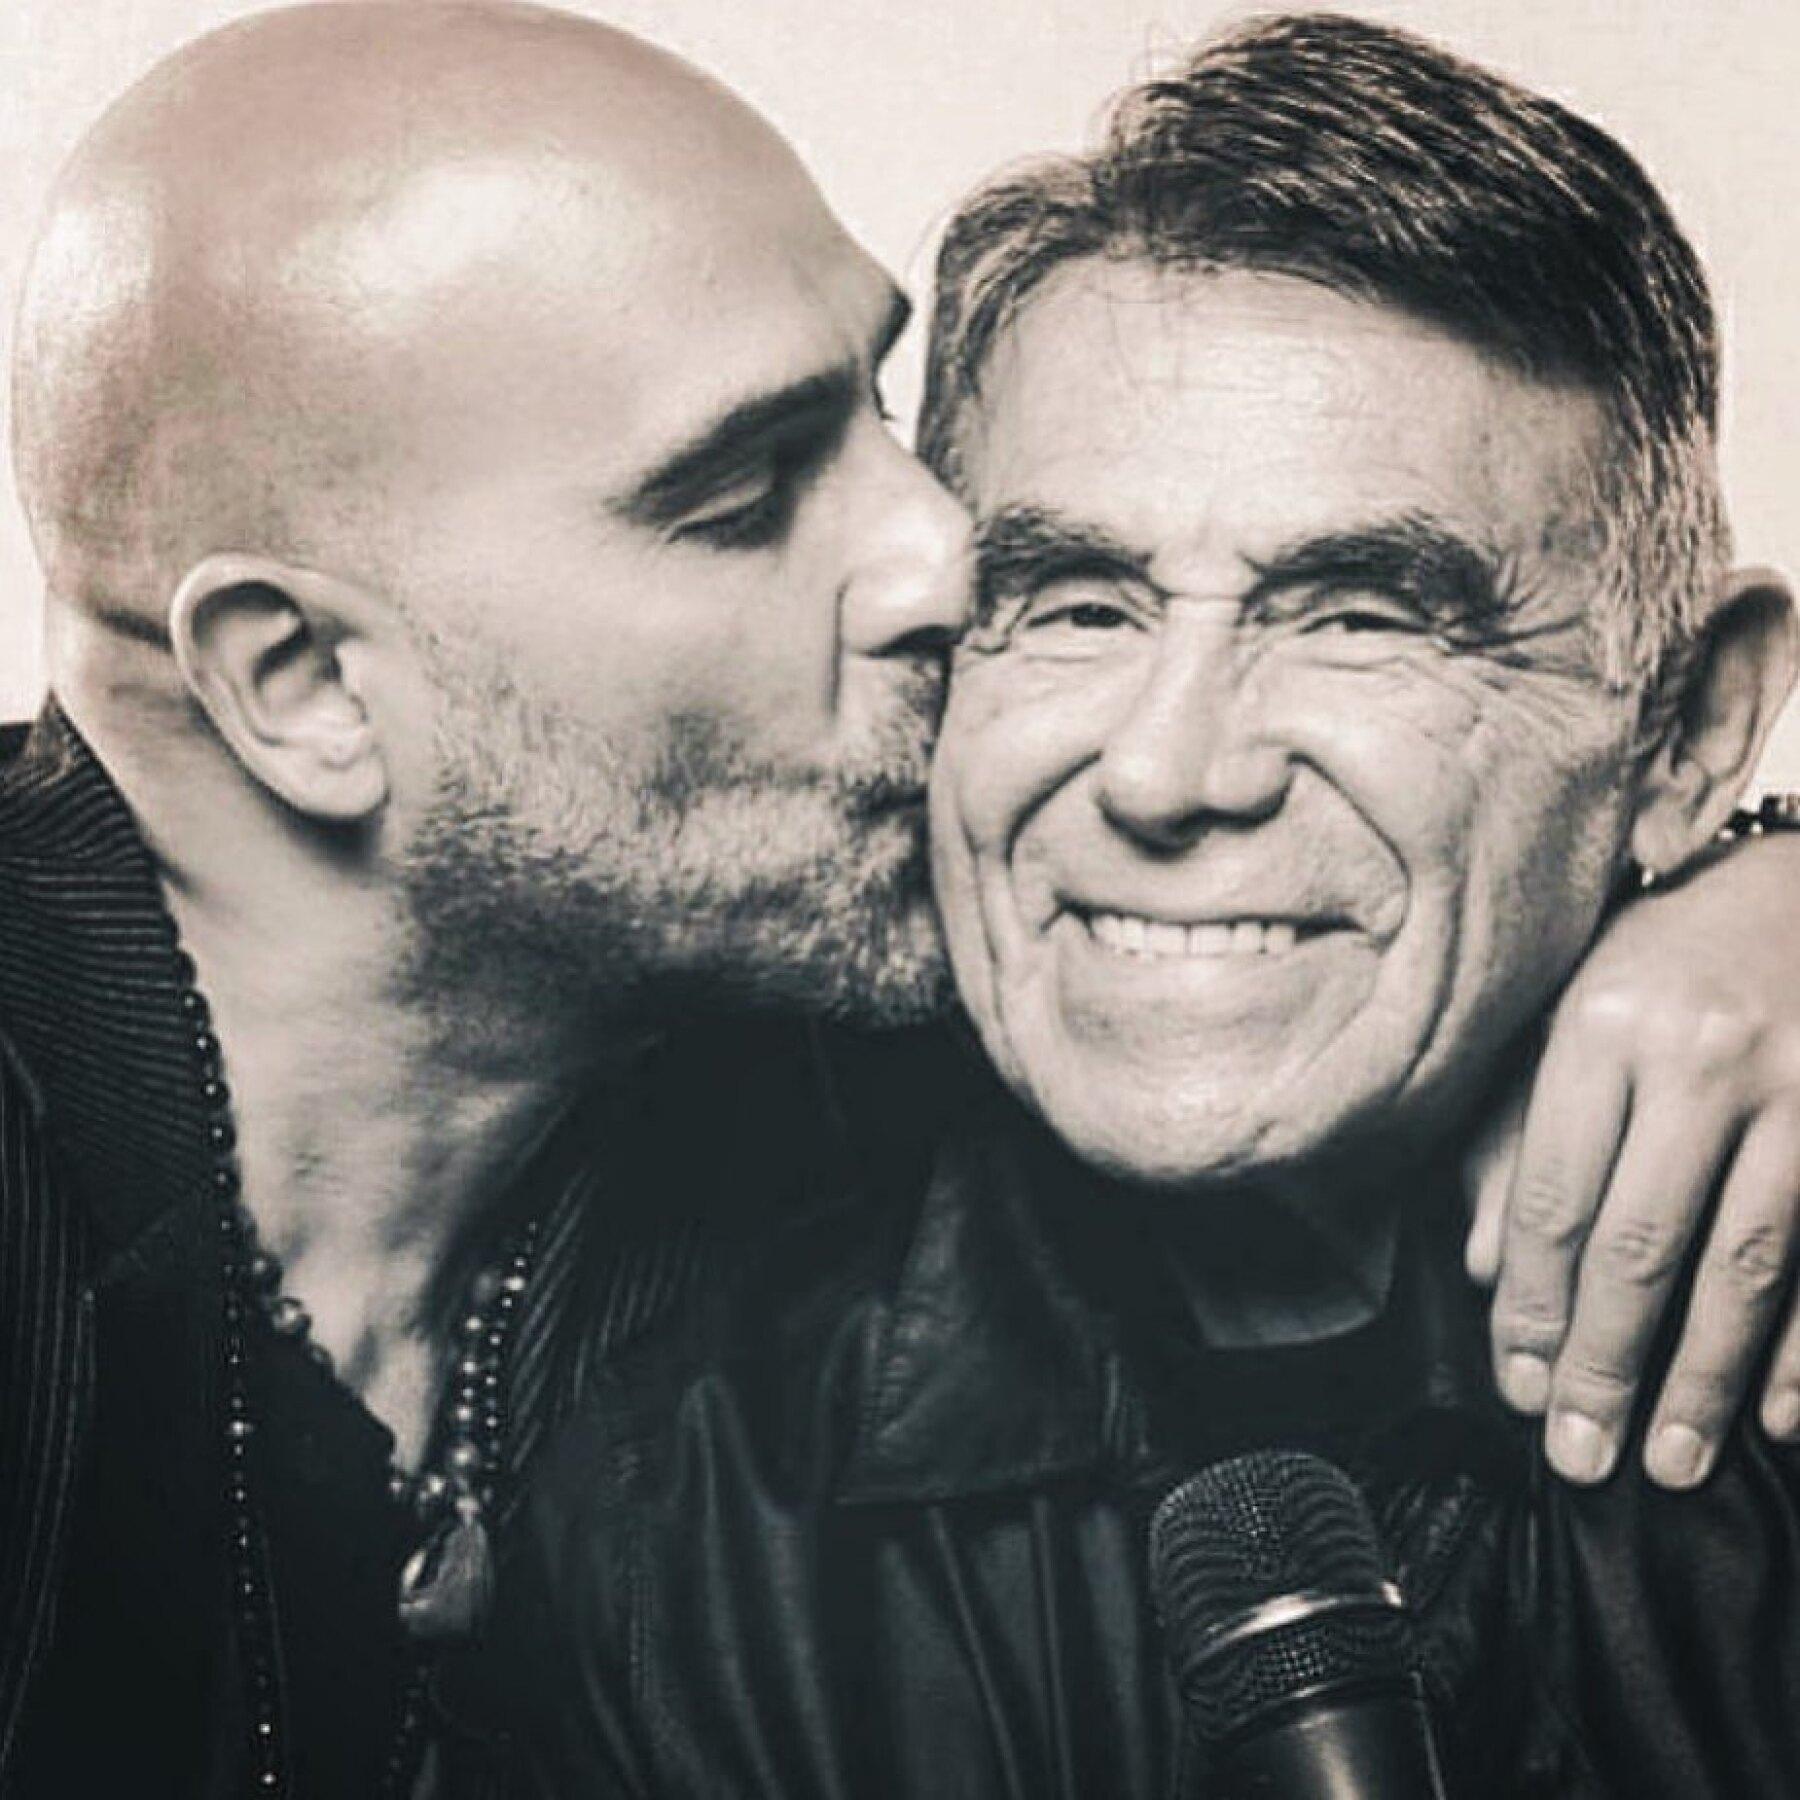 Héctor Suárez Gomís y Héctor Suárez.